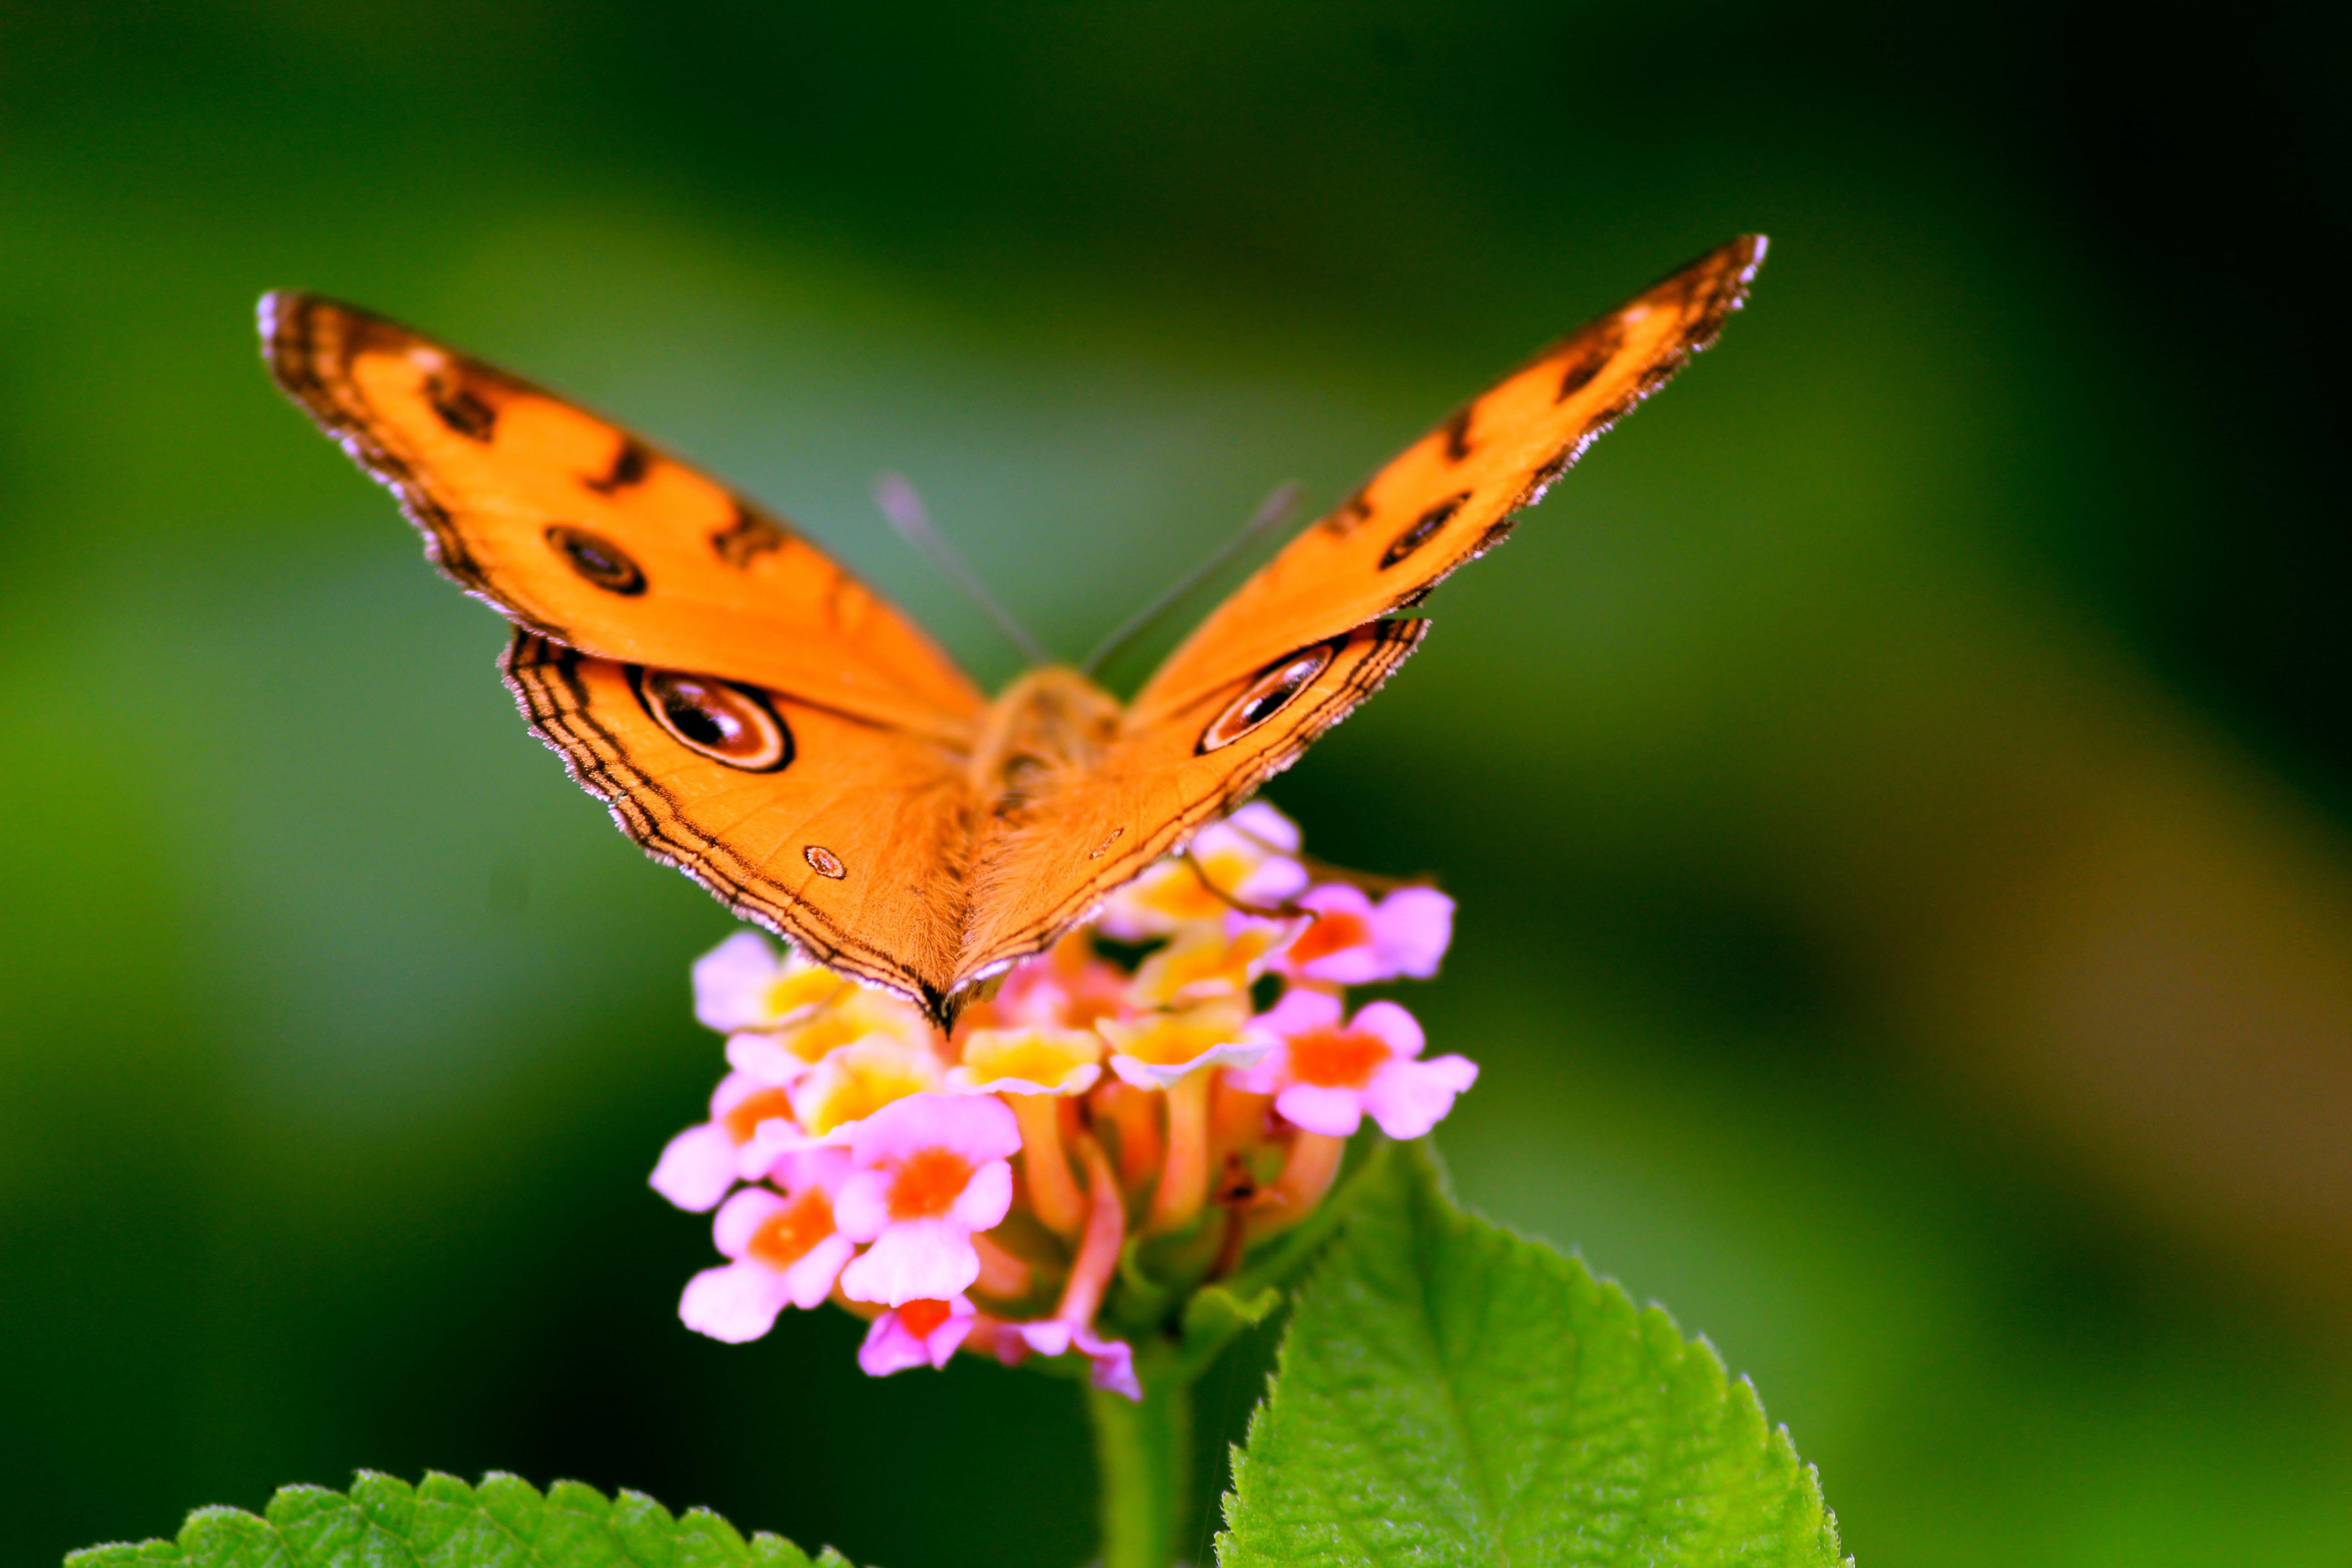 Gratis lagerfoto af blomst, close-up, delikat, farverig